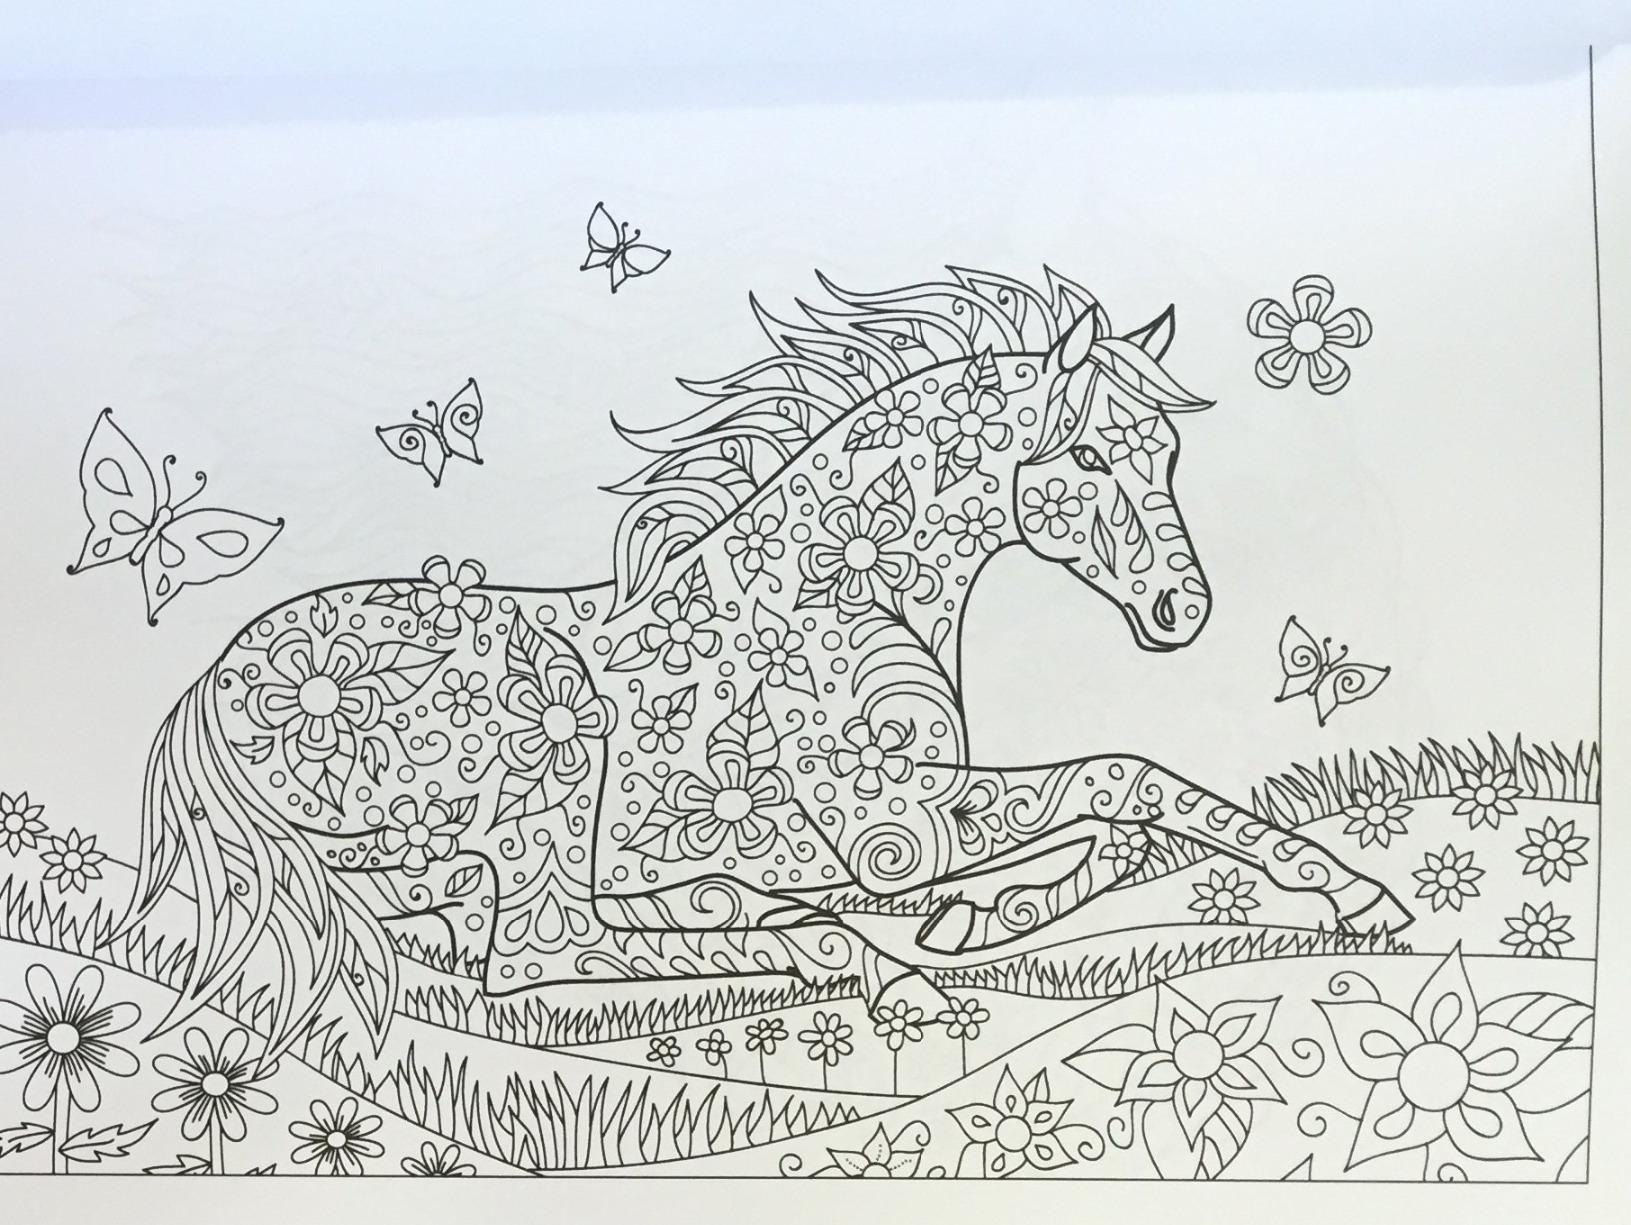 Amazon.com: The Wonderful World of Horses - Horse Adult ...